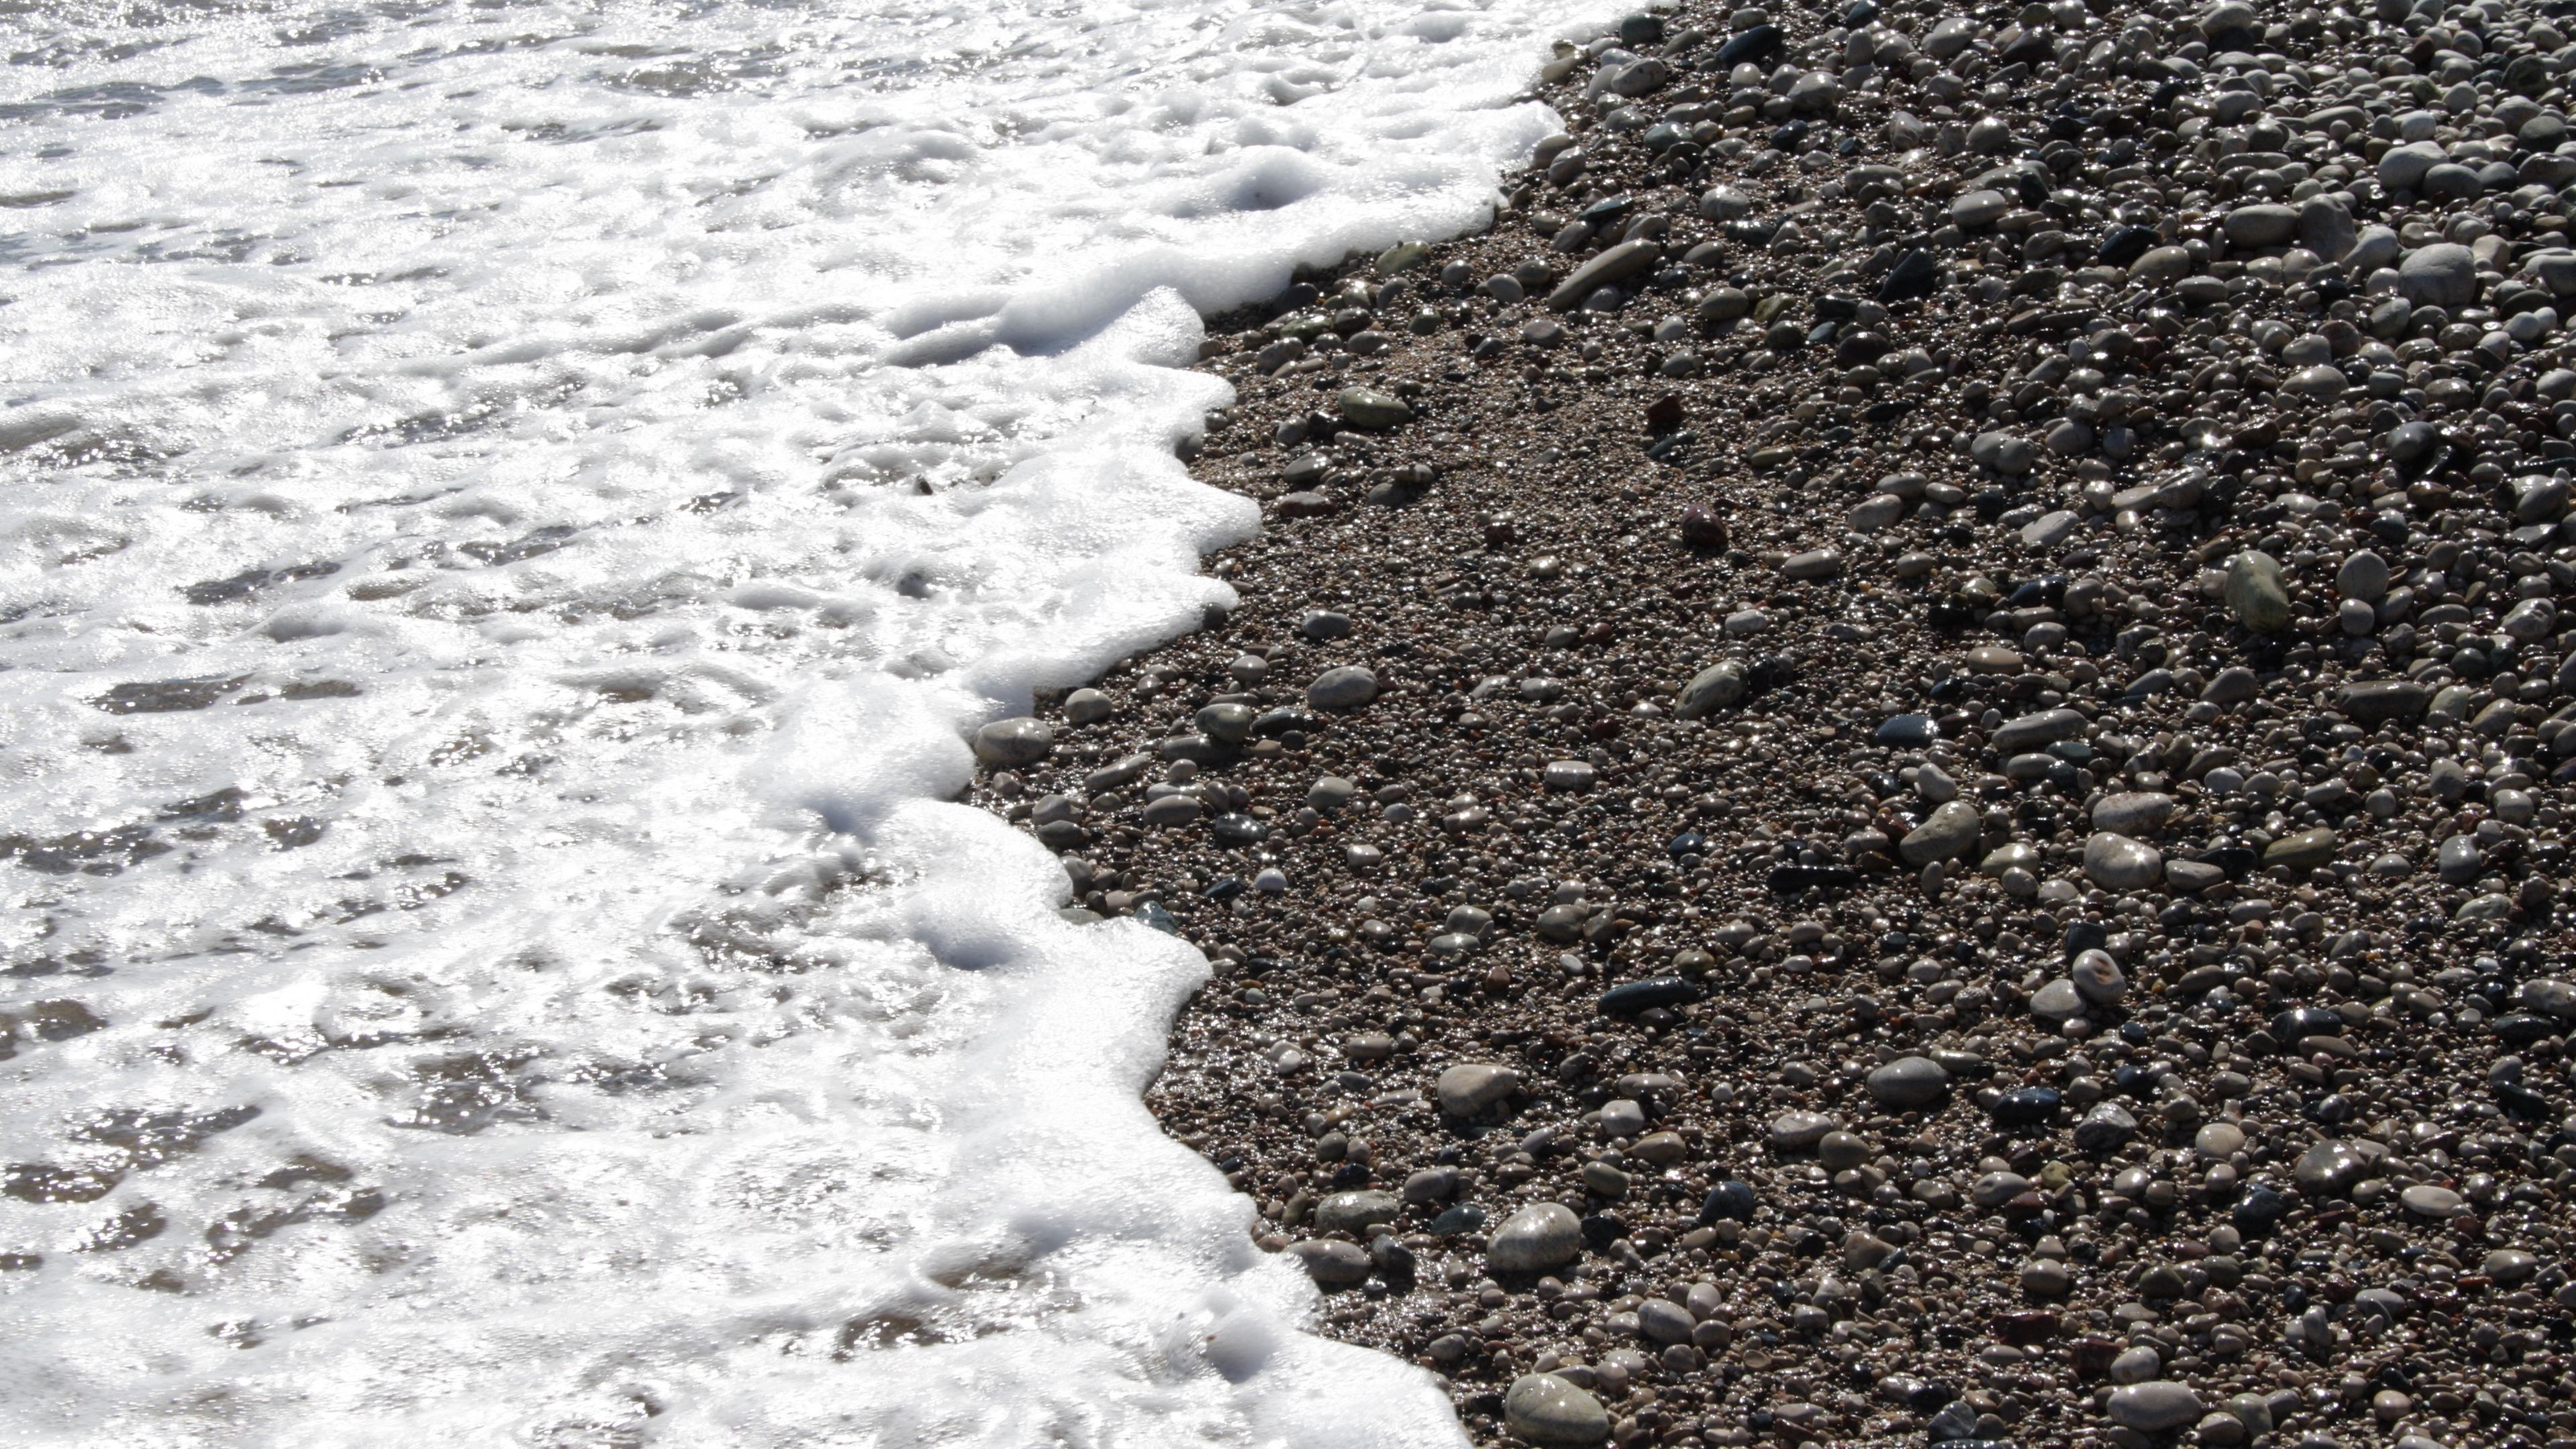 pebble stones sea waves whisper foam 4k 1541114423 - pebble, stones, sea, waves, whisper, foam 4k - Stones, Sea, pebble